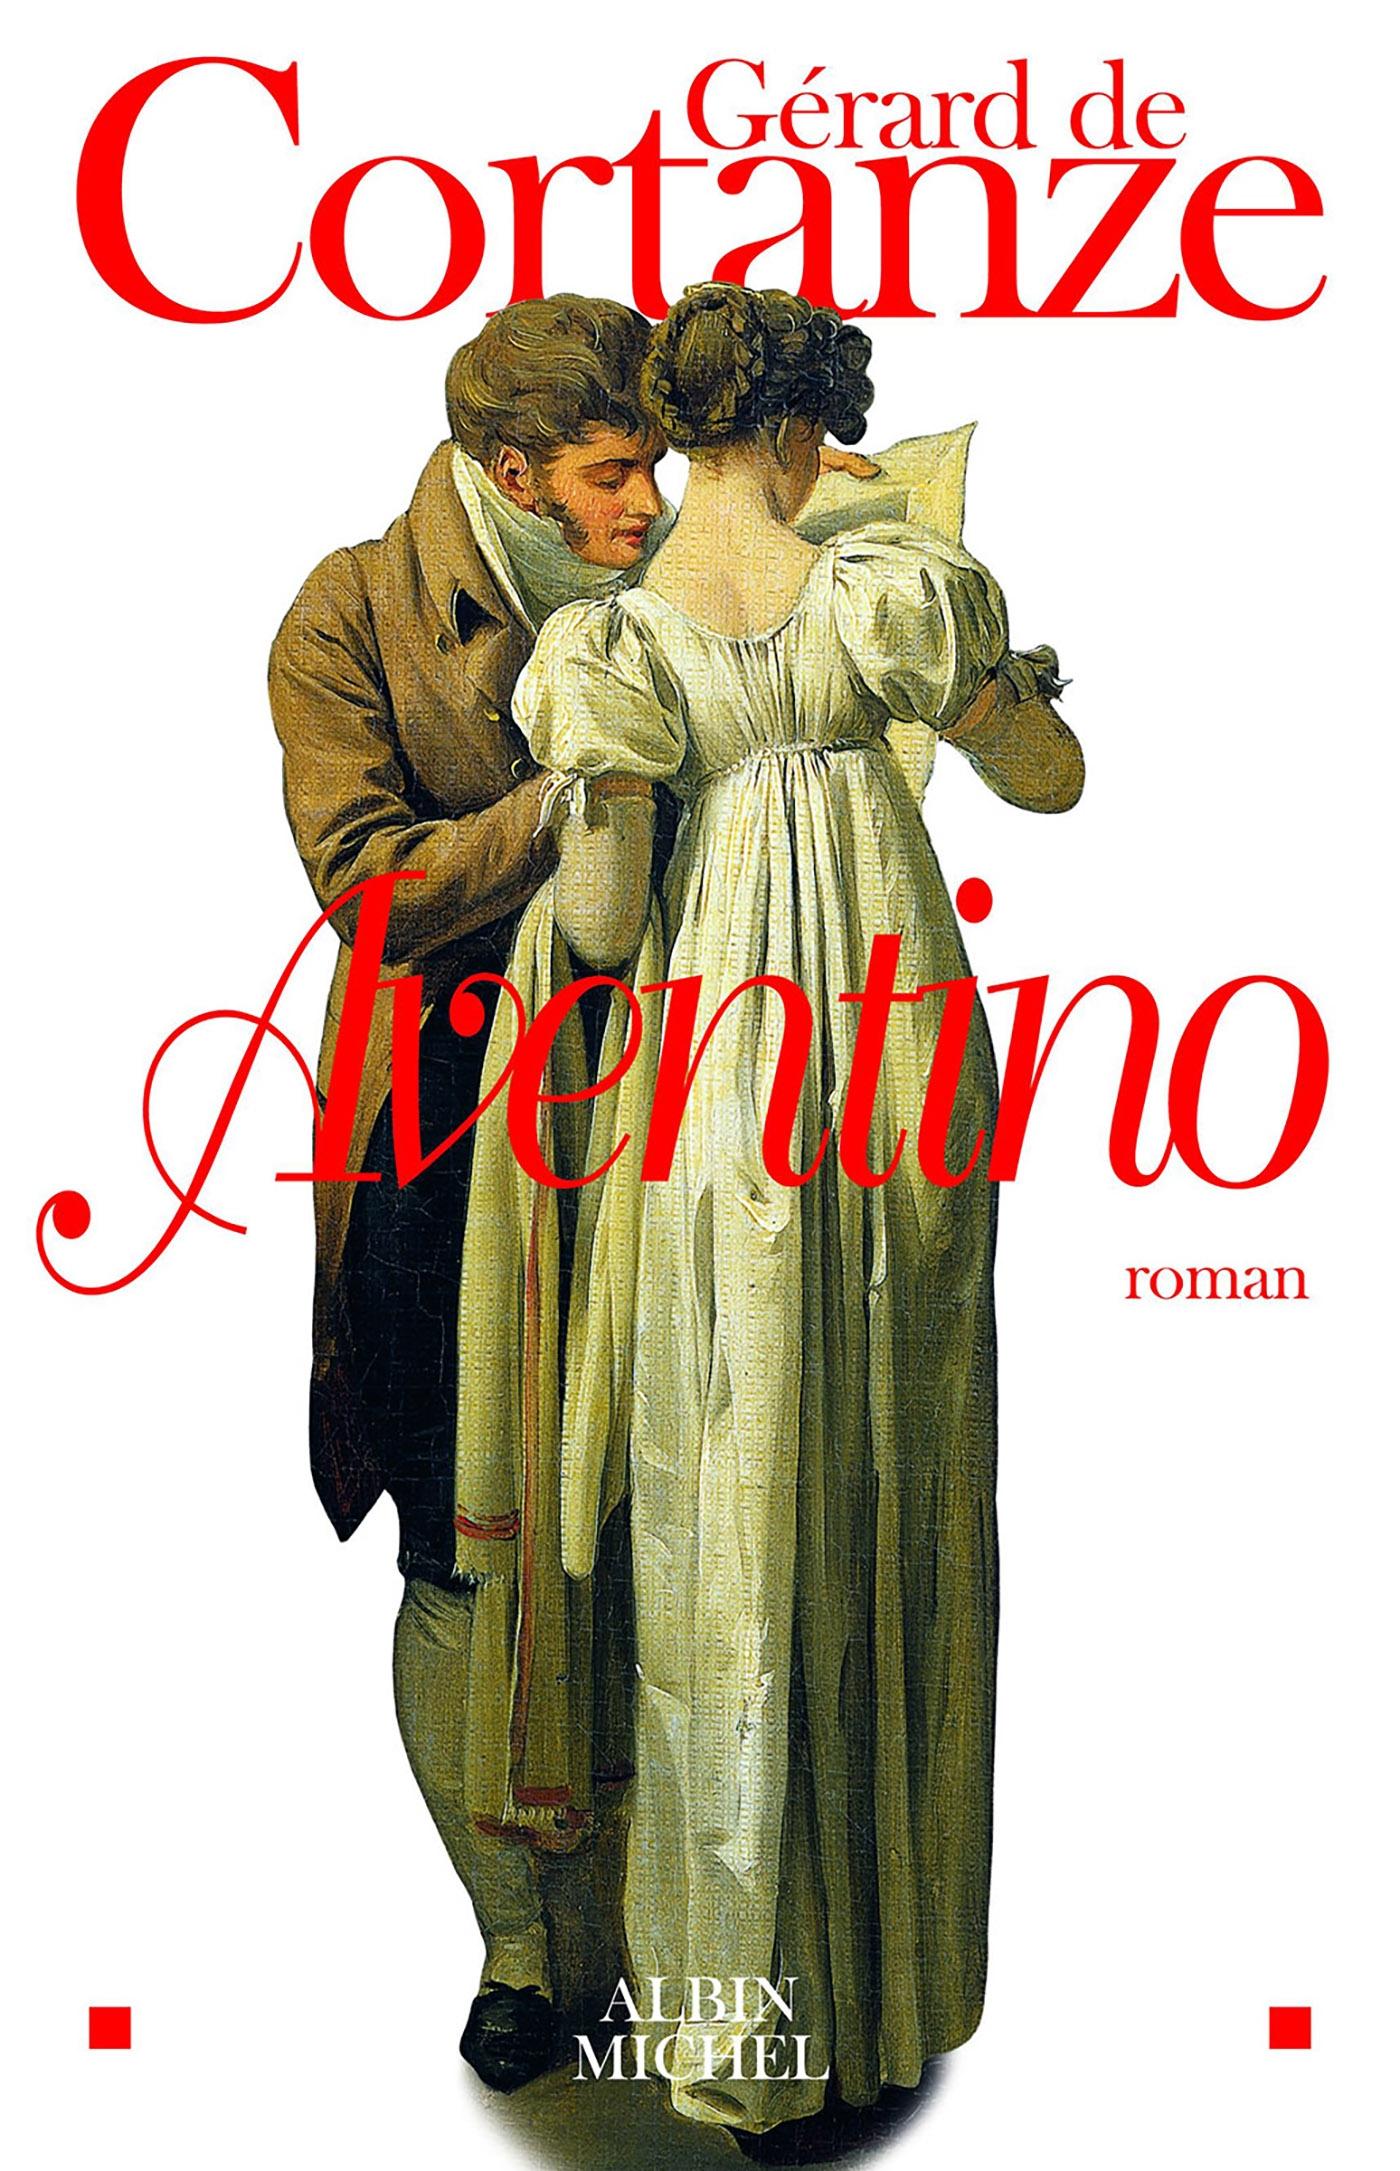 Aventino | Cortanze, Gérard de (1948-....). Auteur